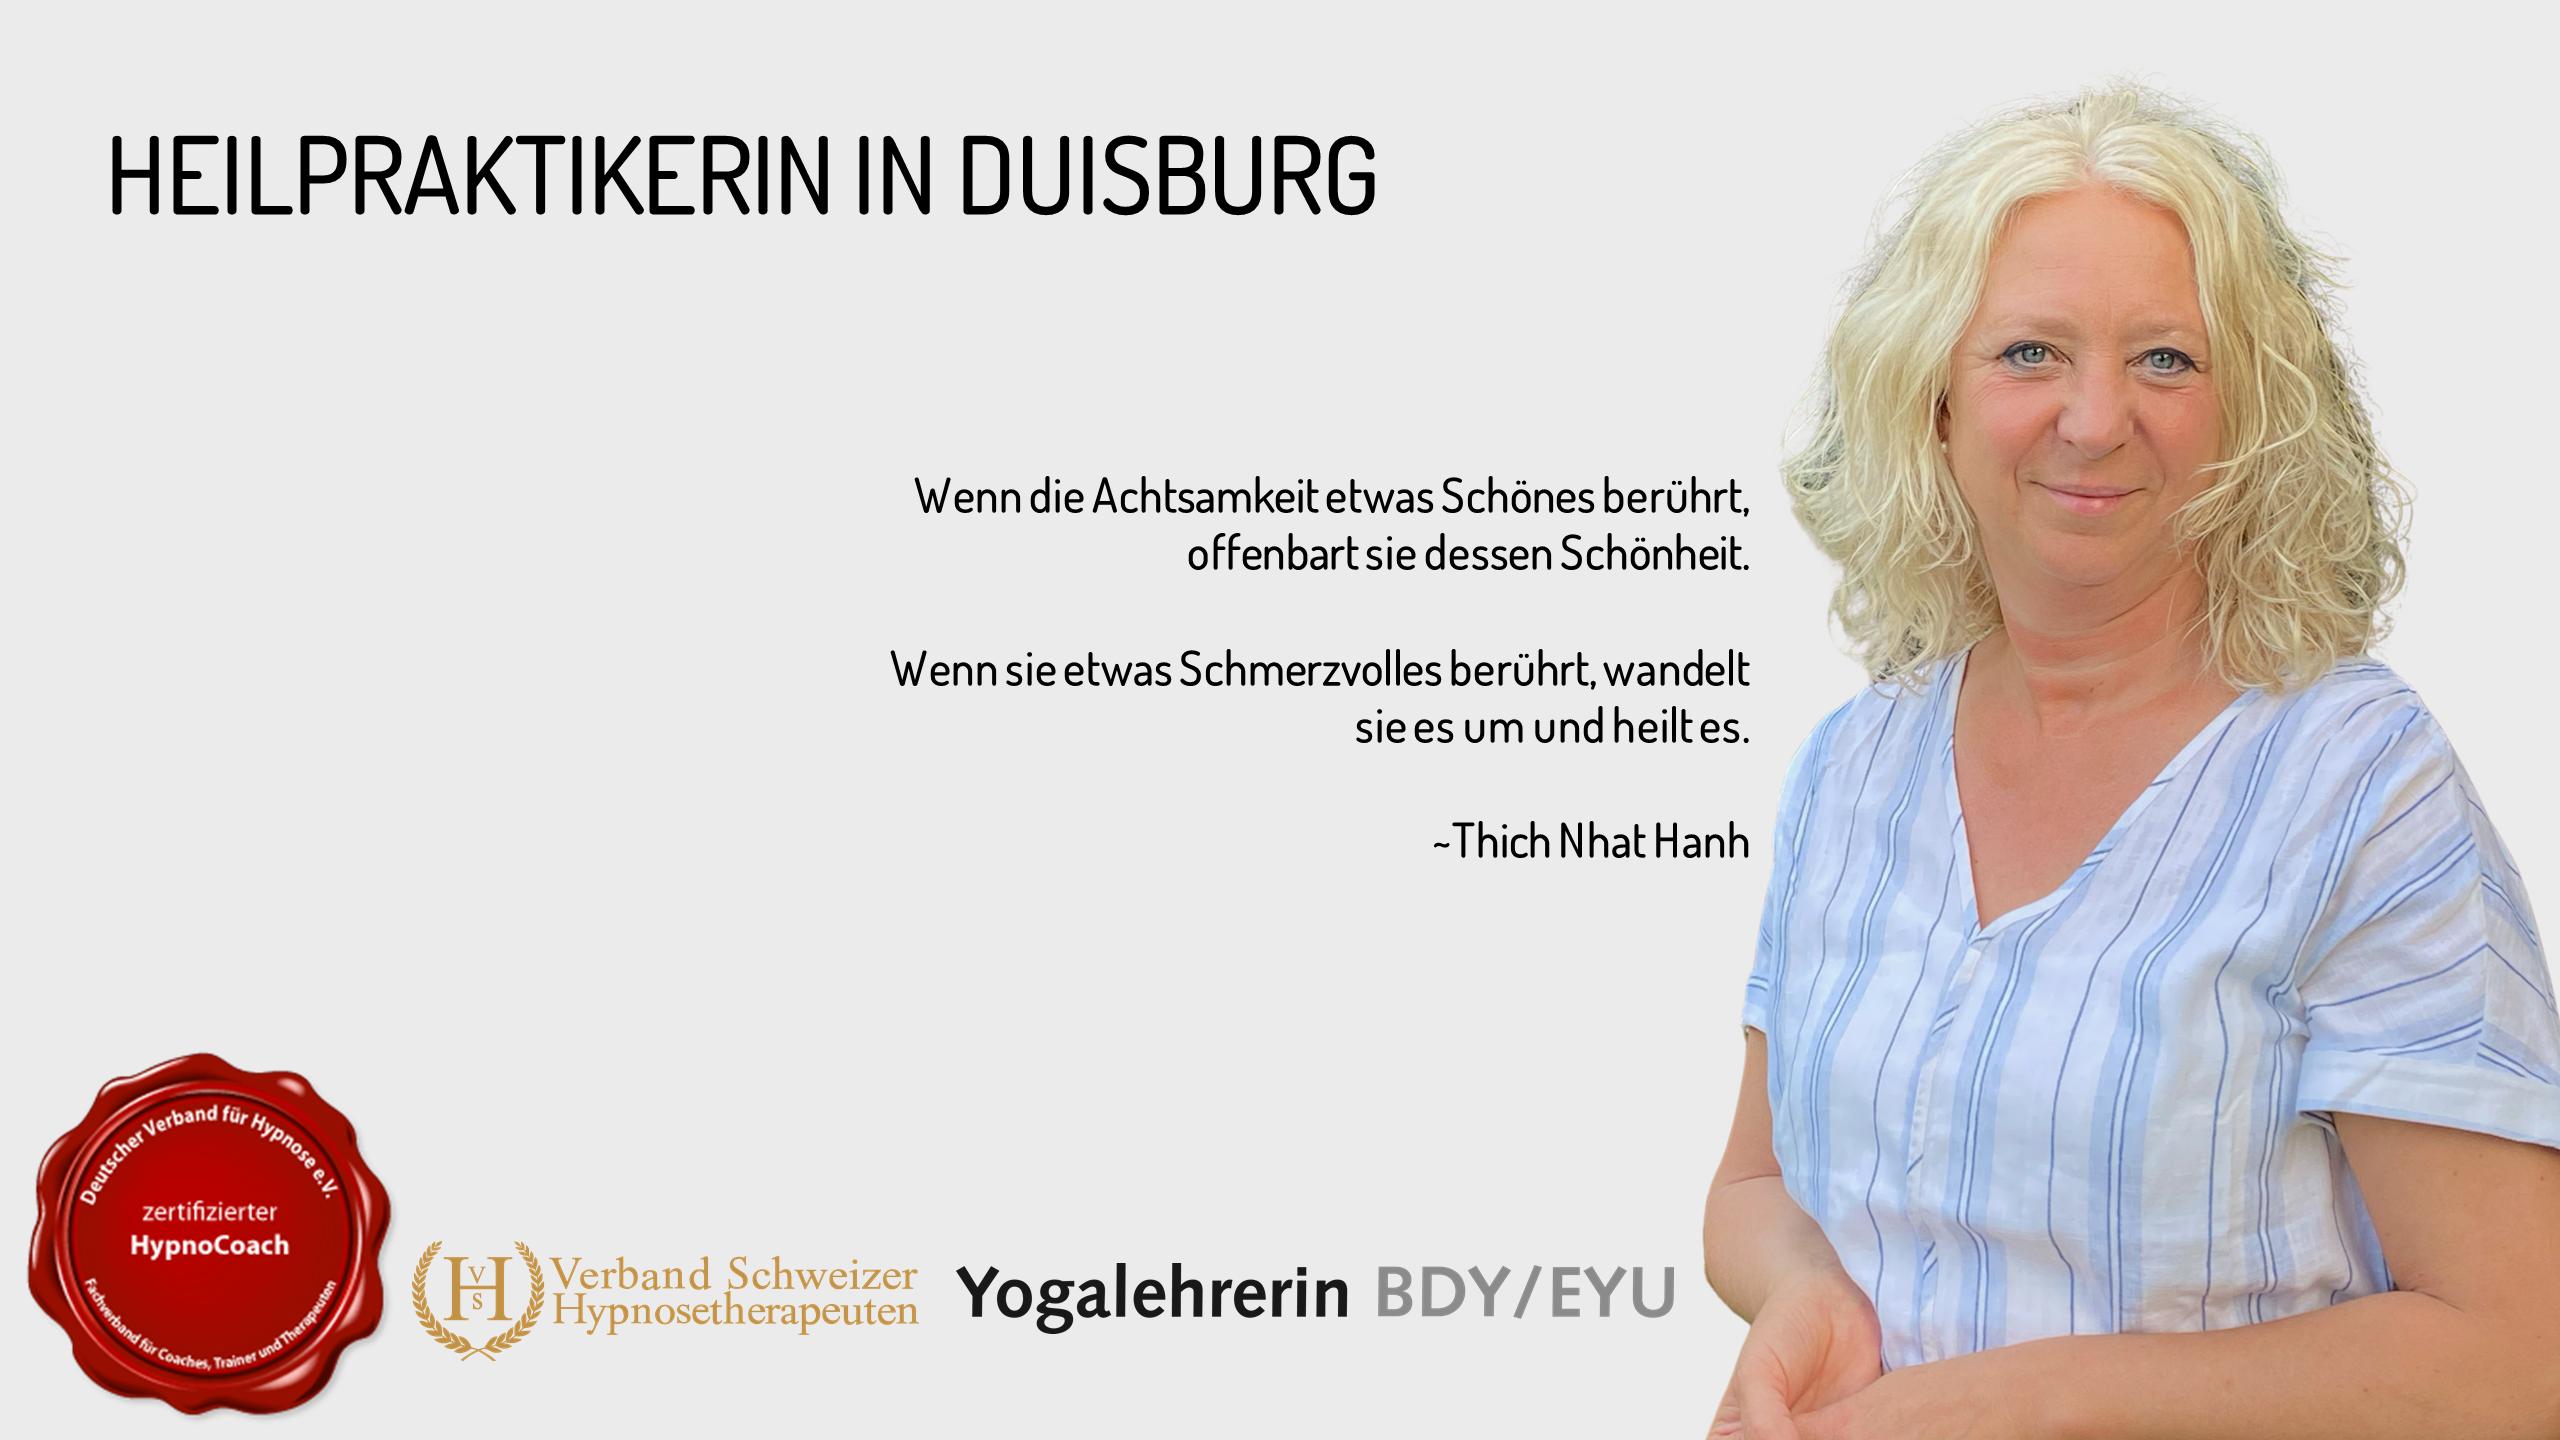 Heilpraktikerin in Duisburg. Deutscher Verband für Hypnose. Verband Schweizer Hypnosetherapeuten. Yogalehrerin. Anja Schütz